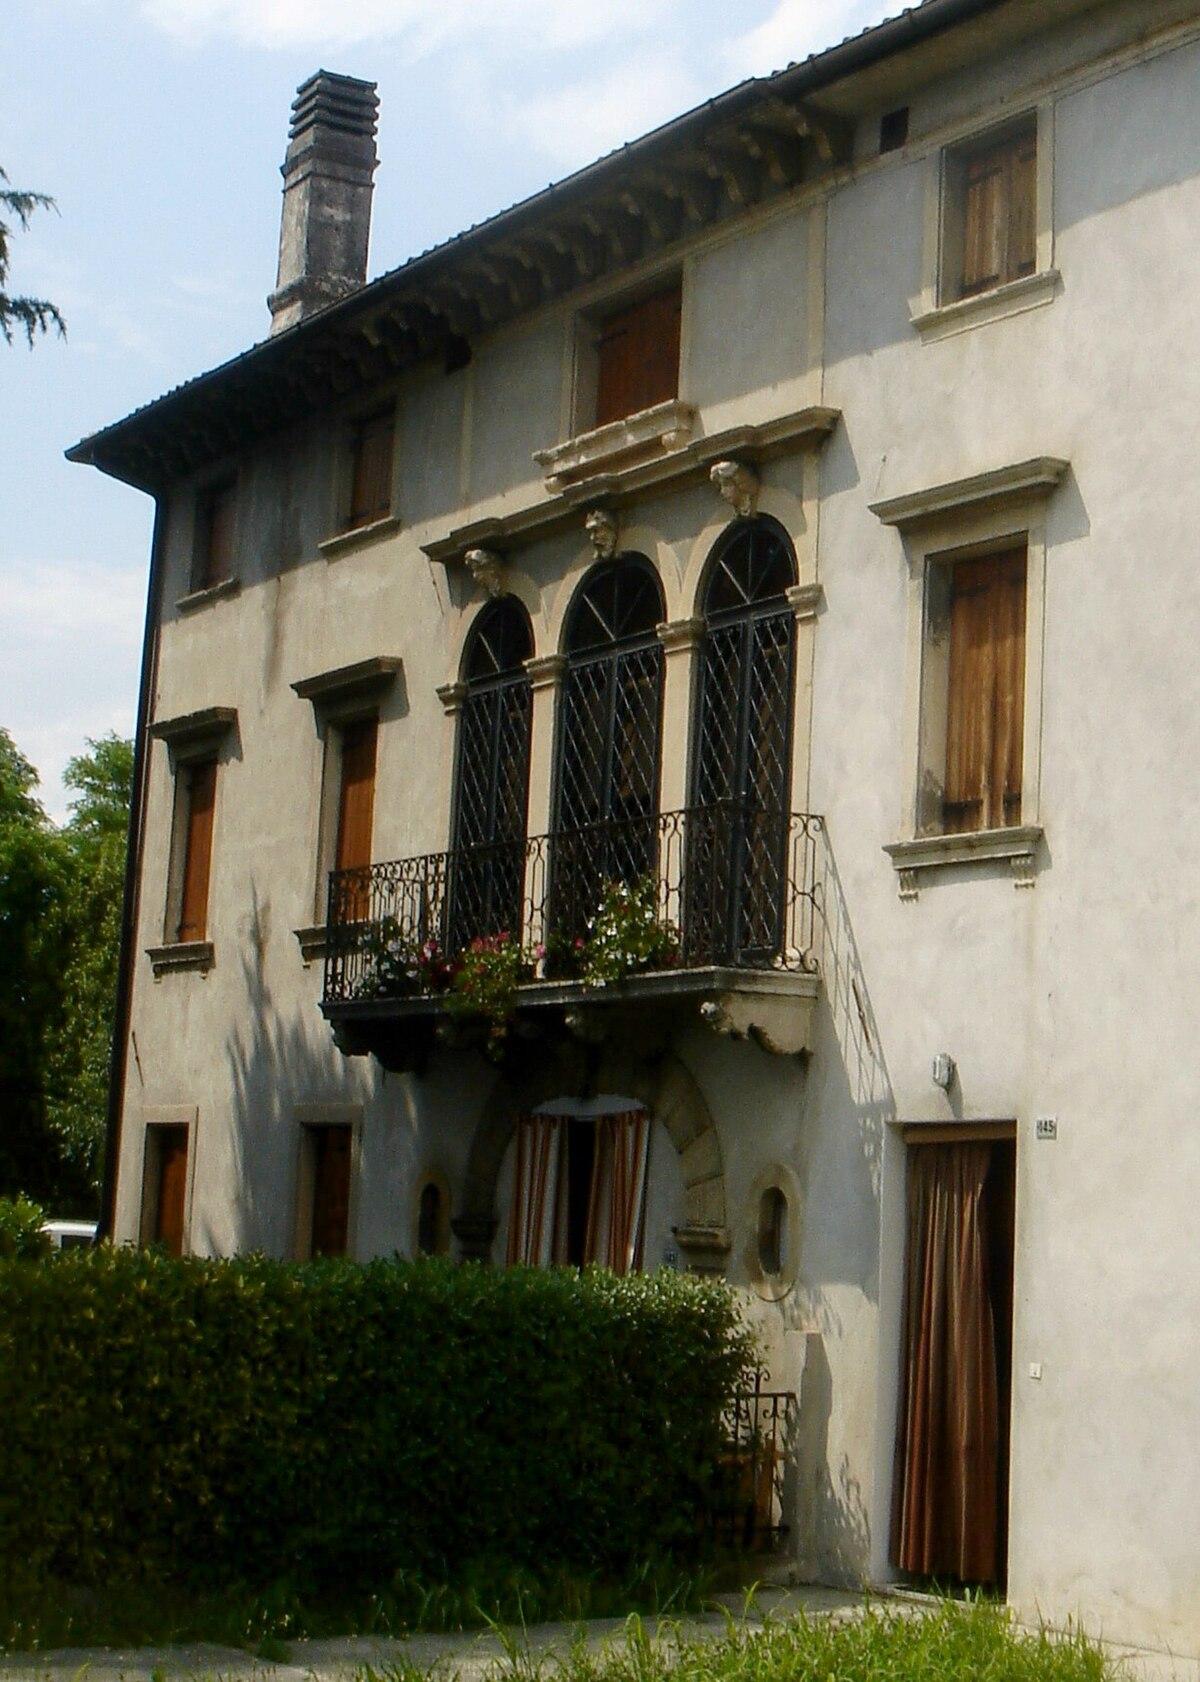 Casa ongaro marcon wikipedia for 2 piani di casa contemporanea di storia